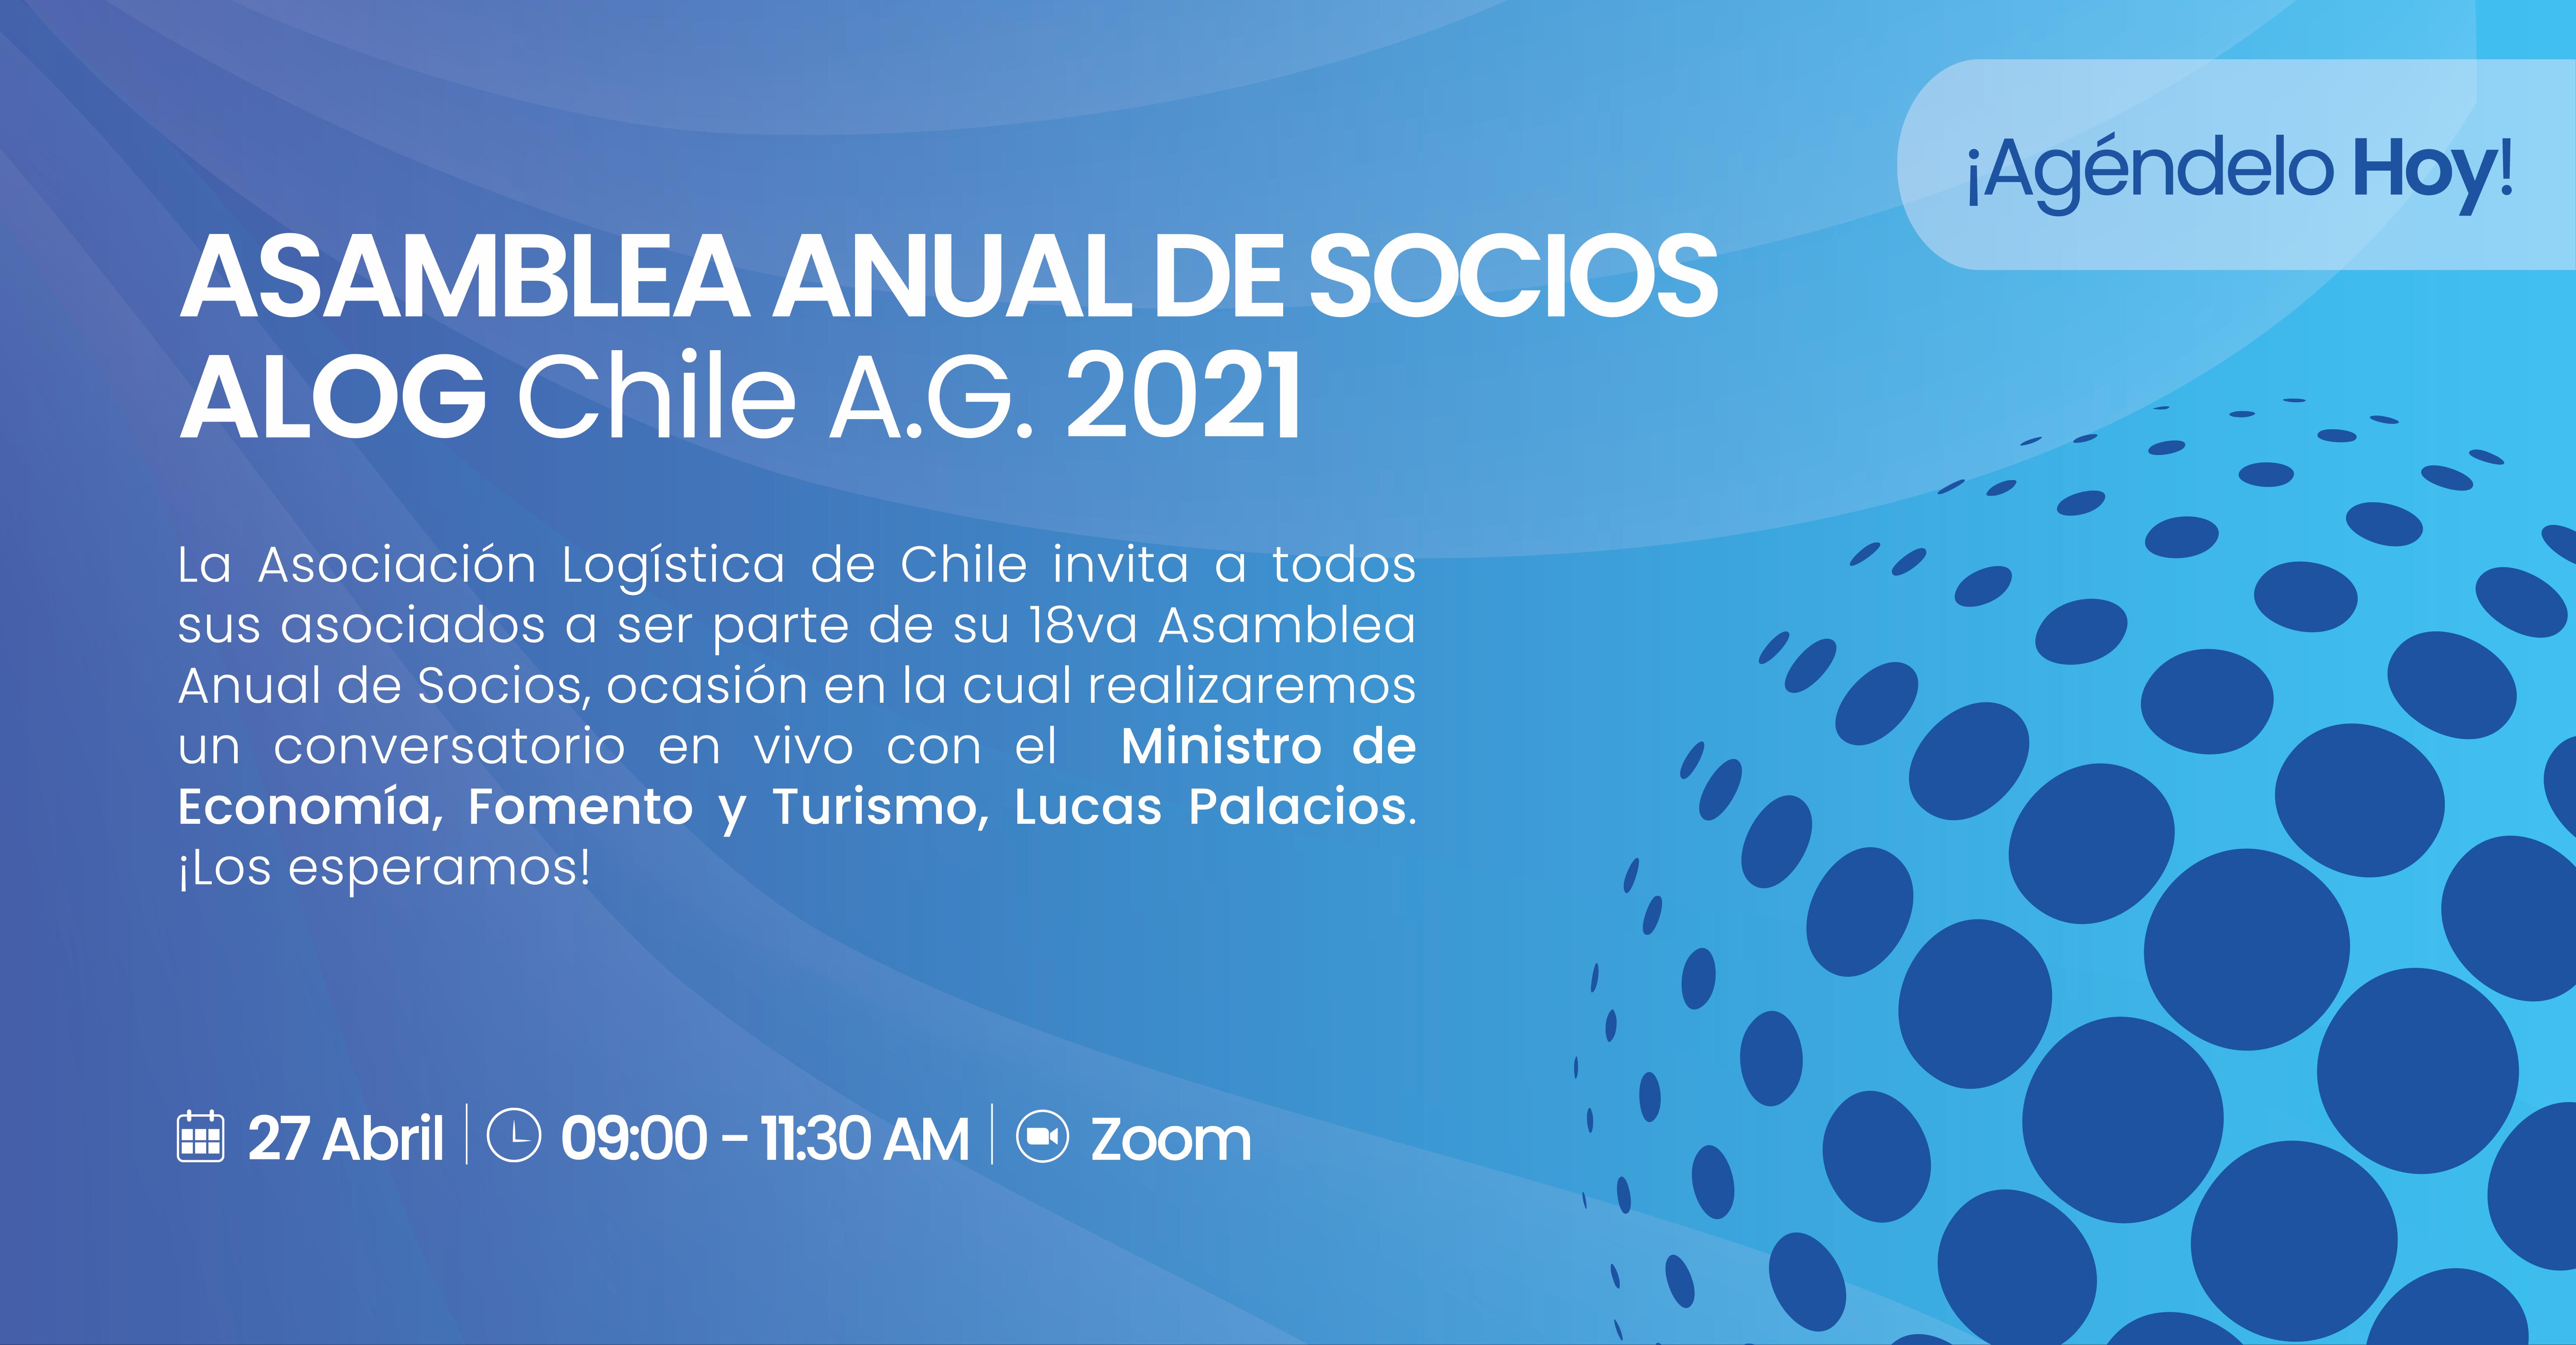 Master Asamblea Anual de Socios 2021